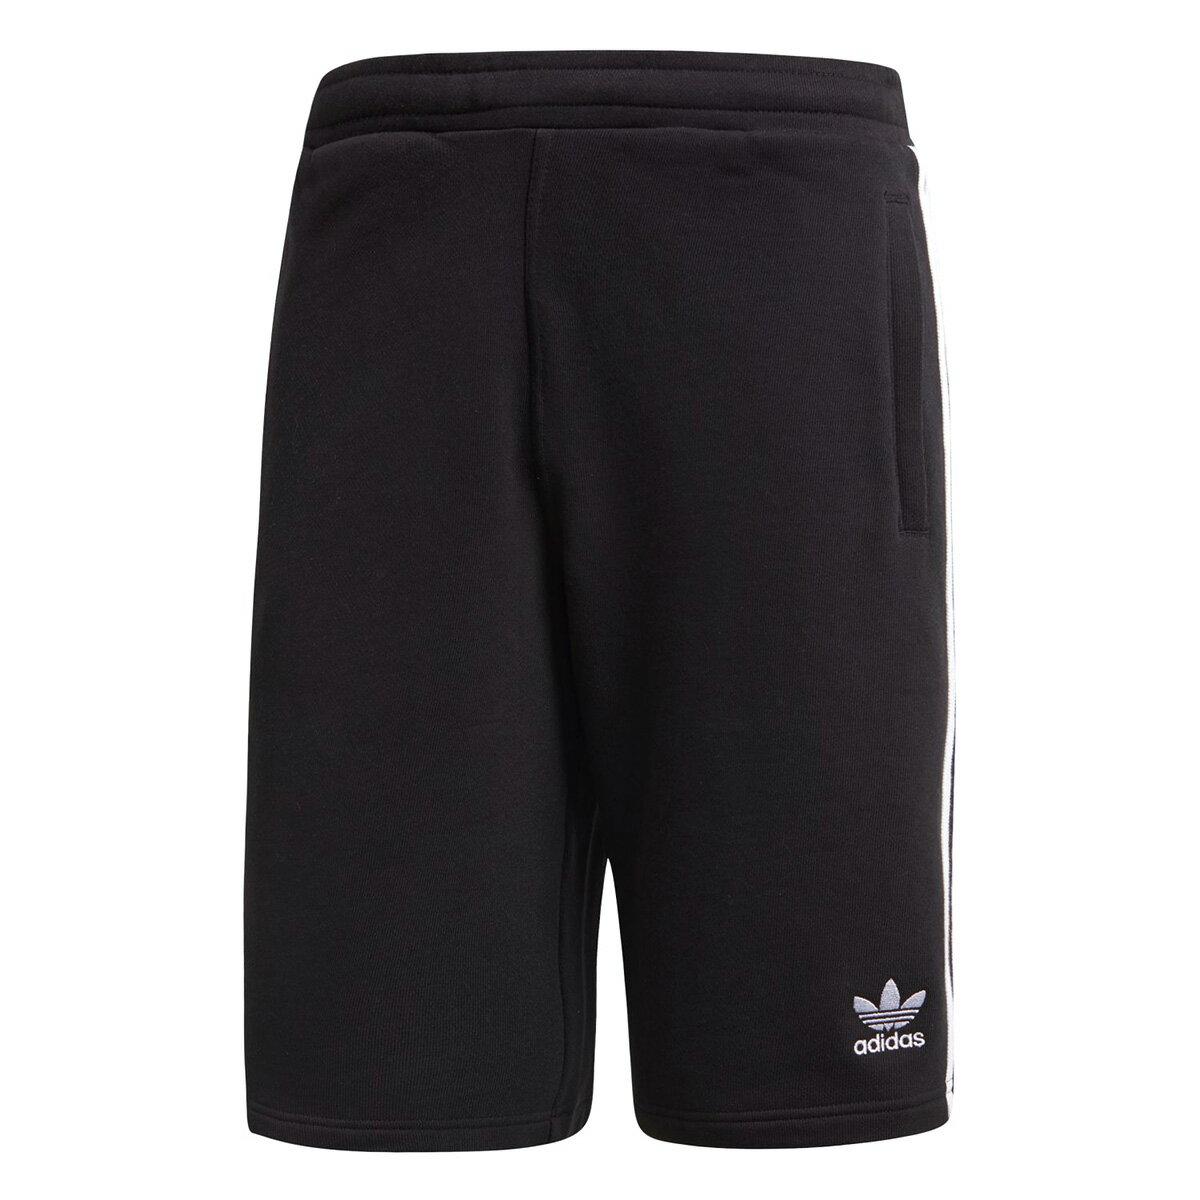 メンズファッション, ズボン・パンツ adidas 3 STRIPES SHORTS 3 BLACK dh5798